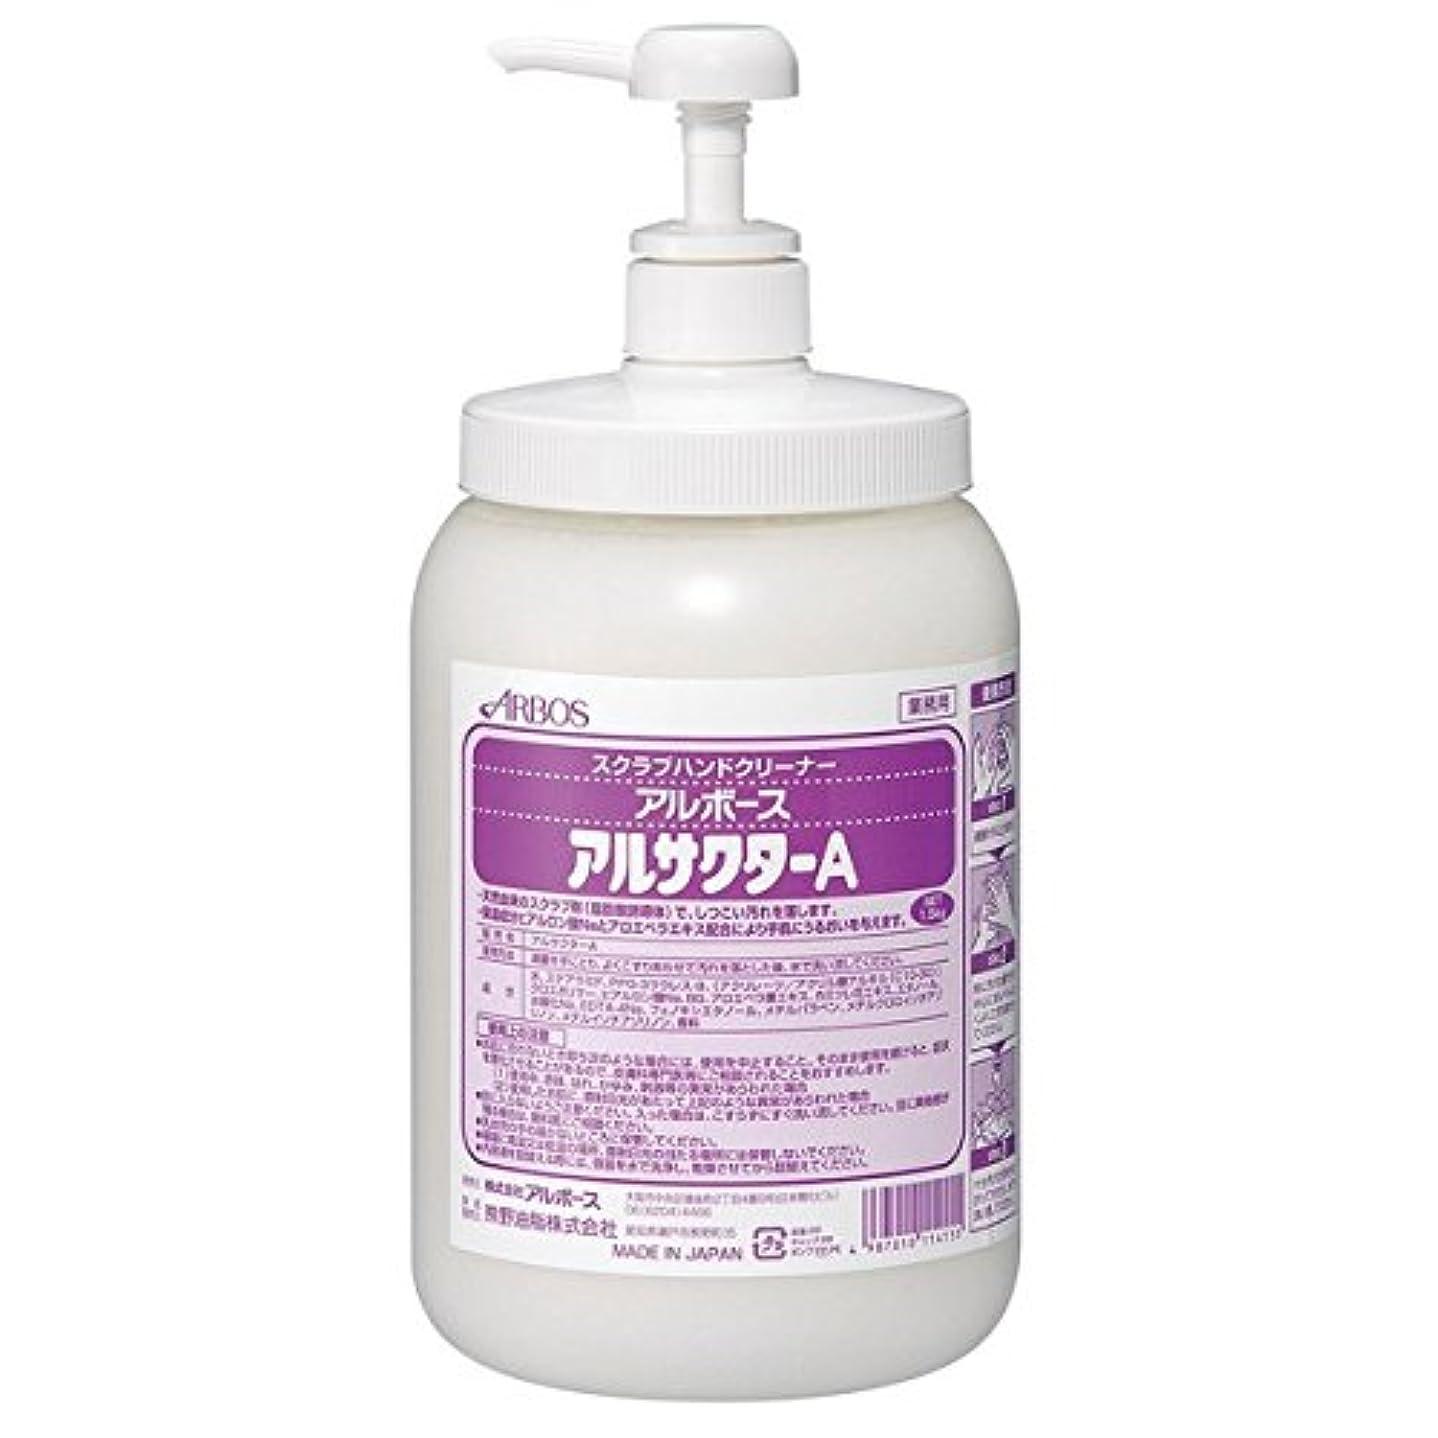 章飲料本部アルボース スクラブハンドクリーナー アルサクターA 1.5kgポンプボトル